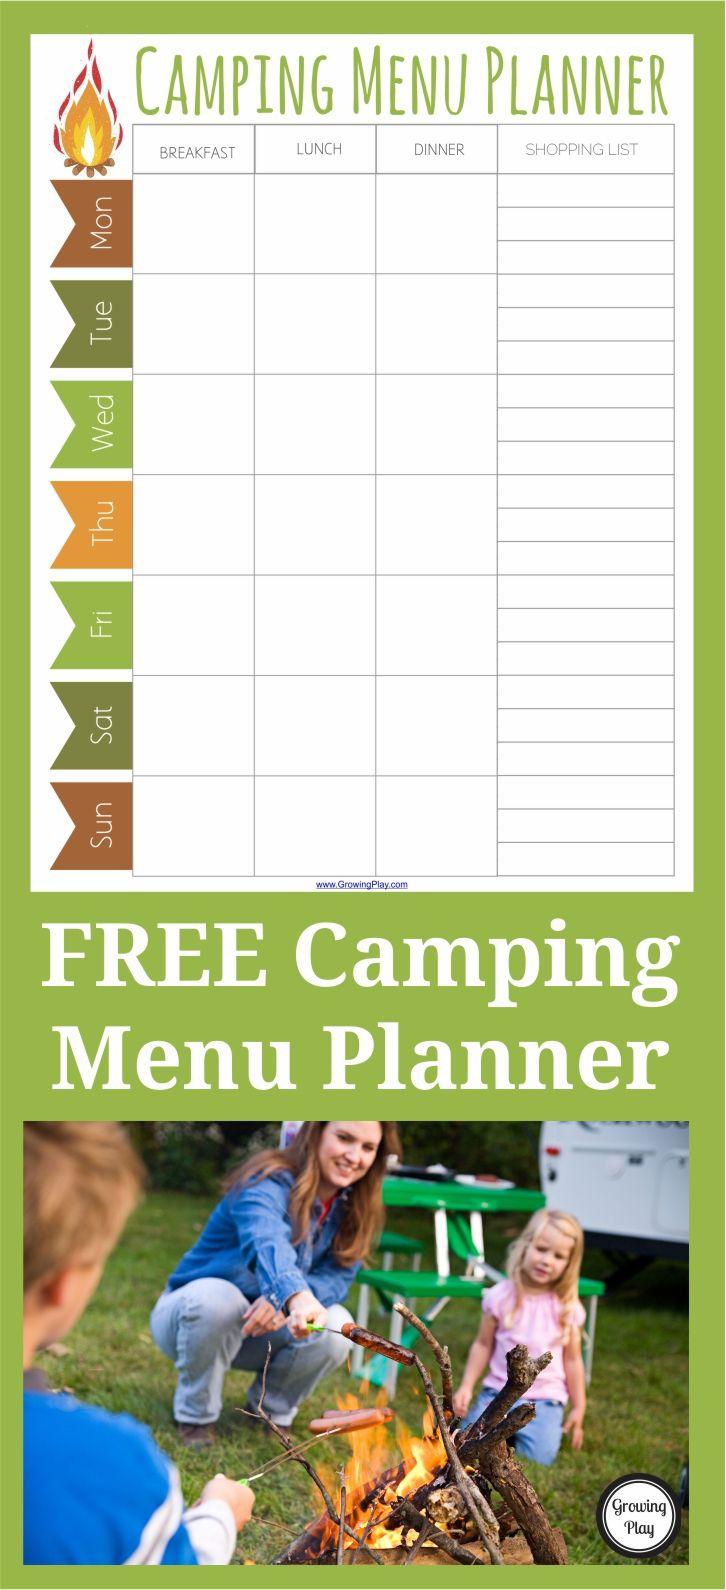 Camping menu planner free printable camping menu